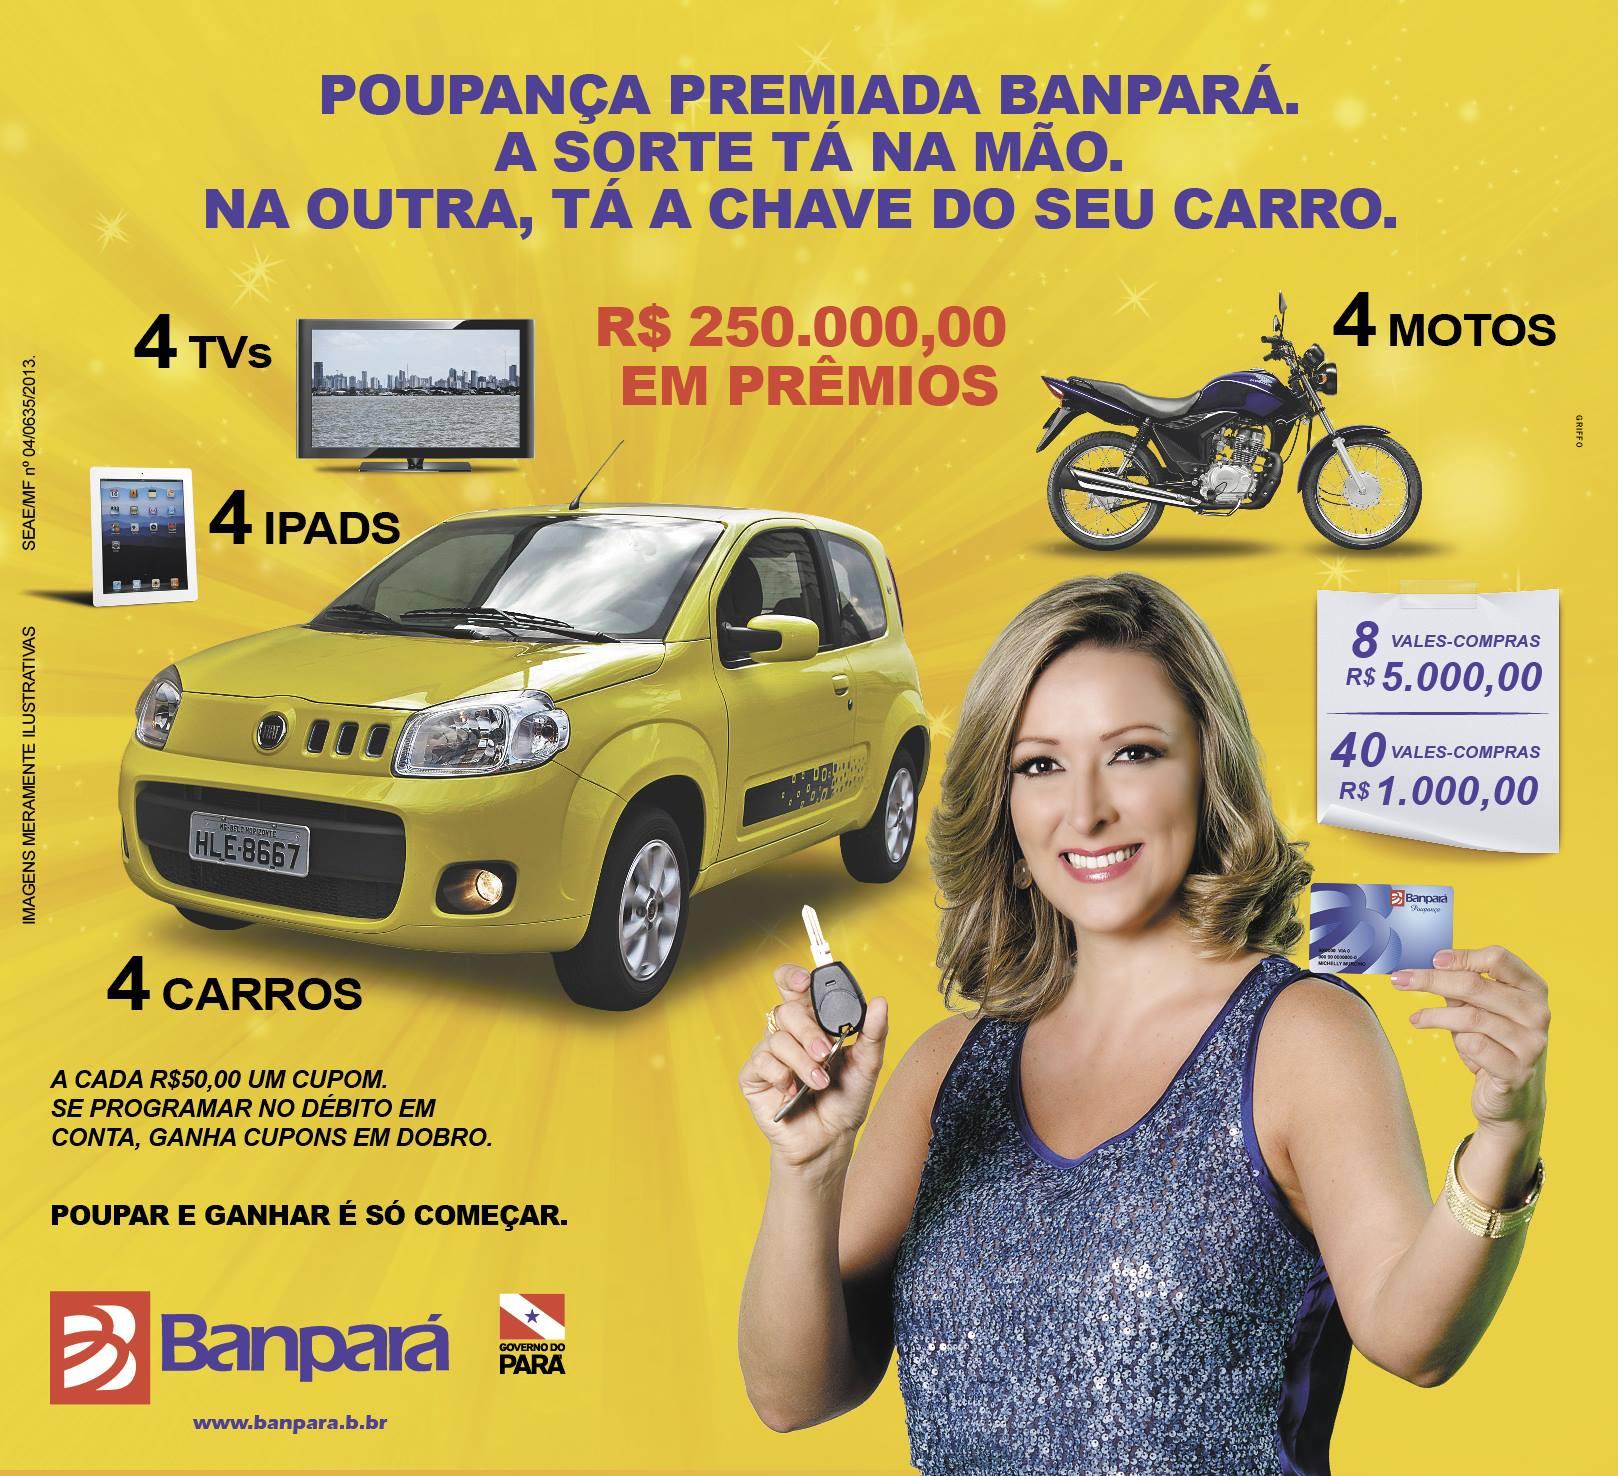 Banpara 2014